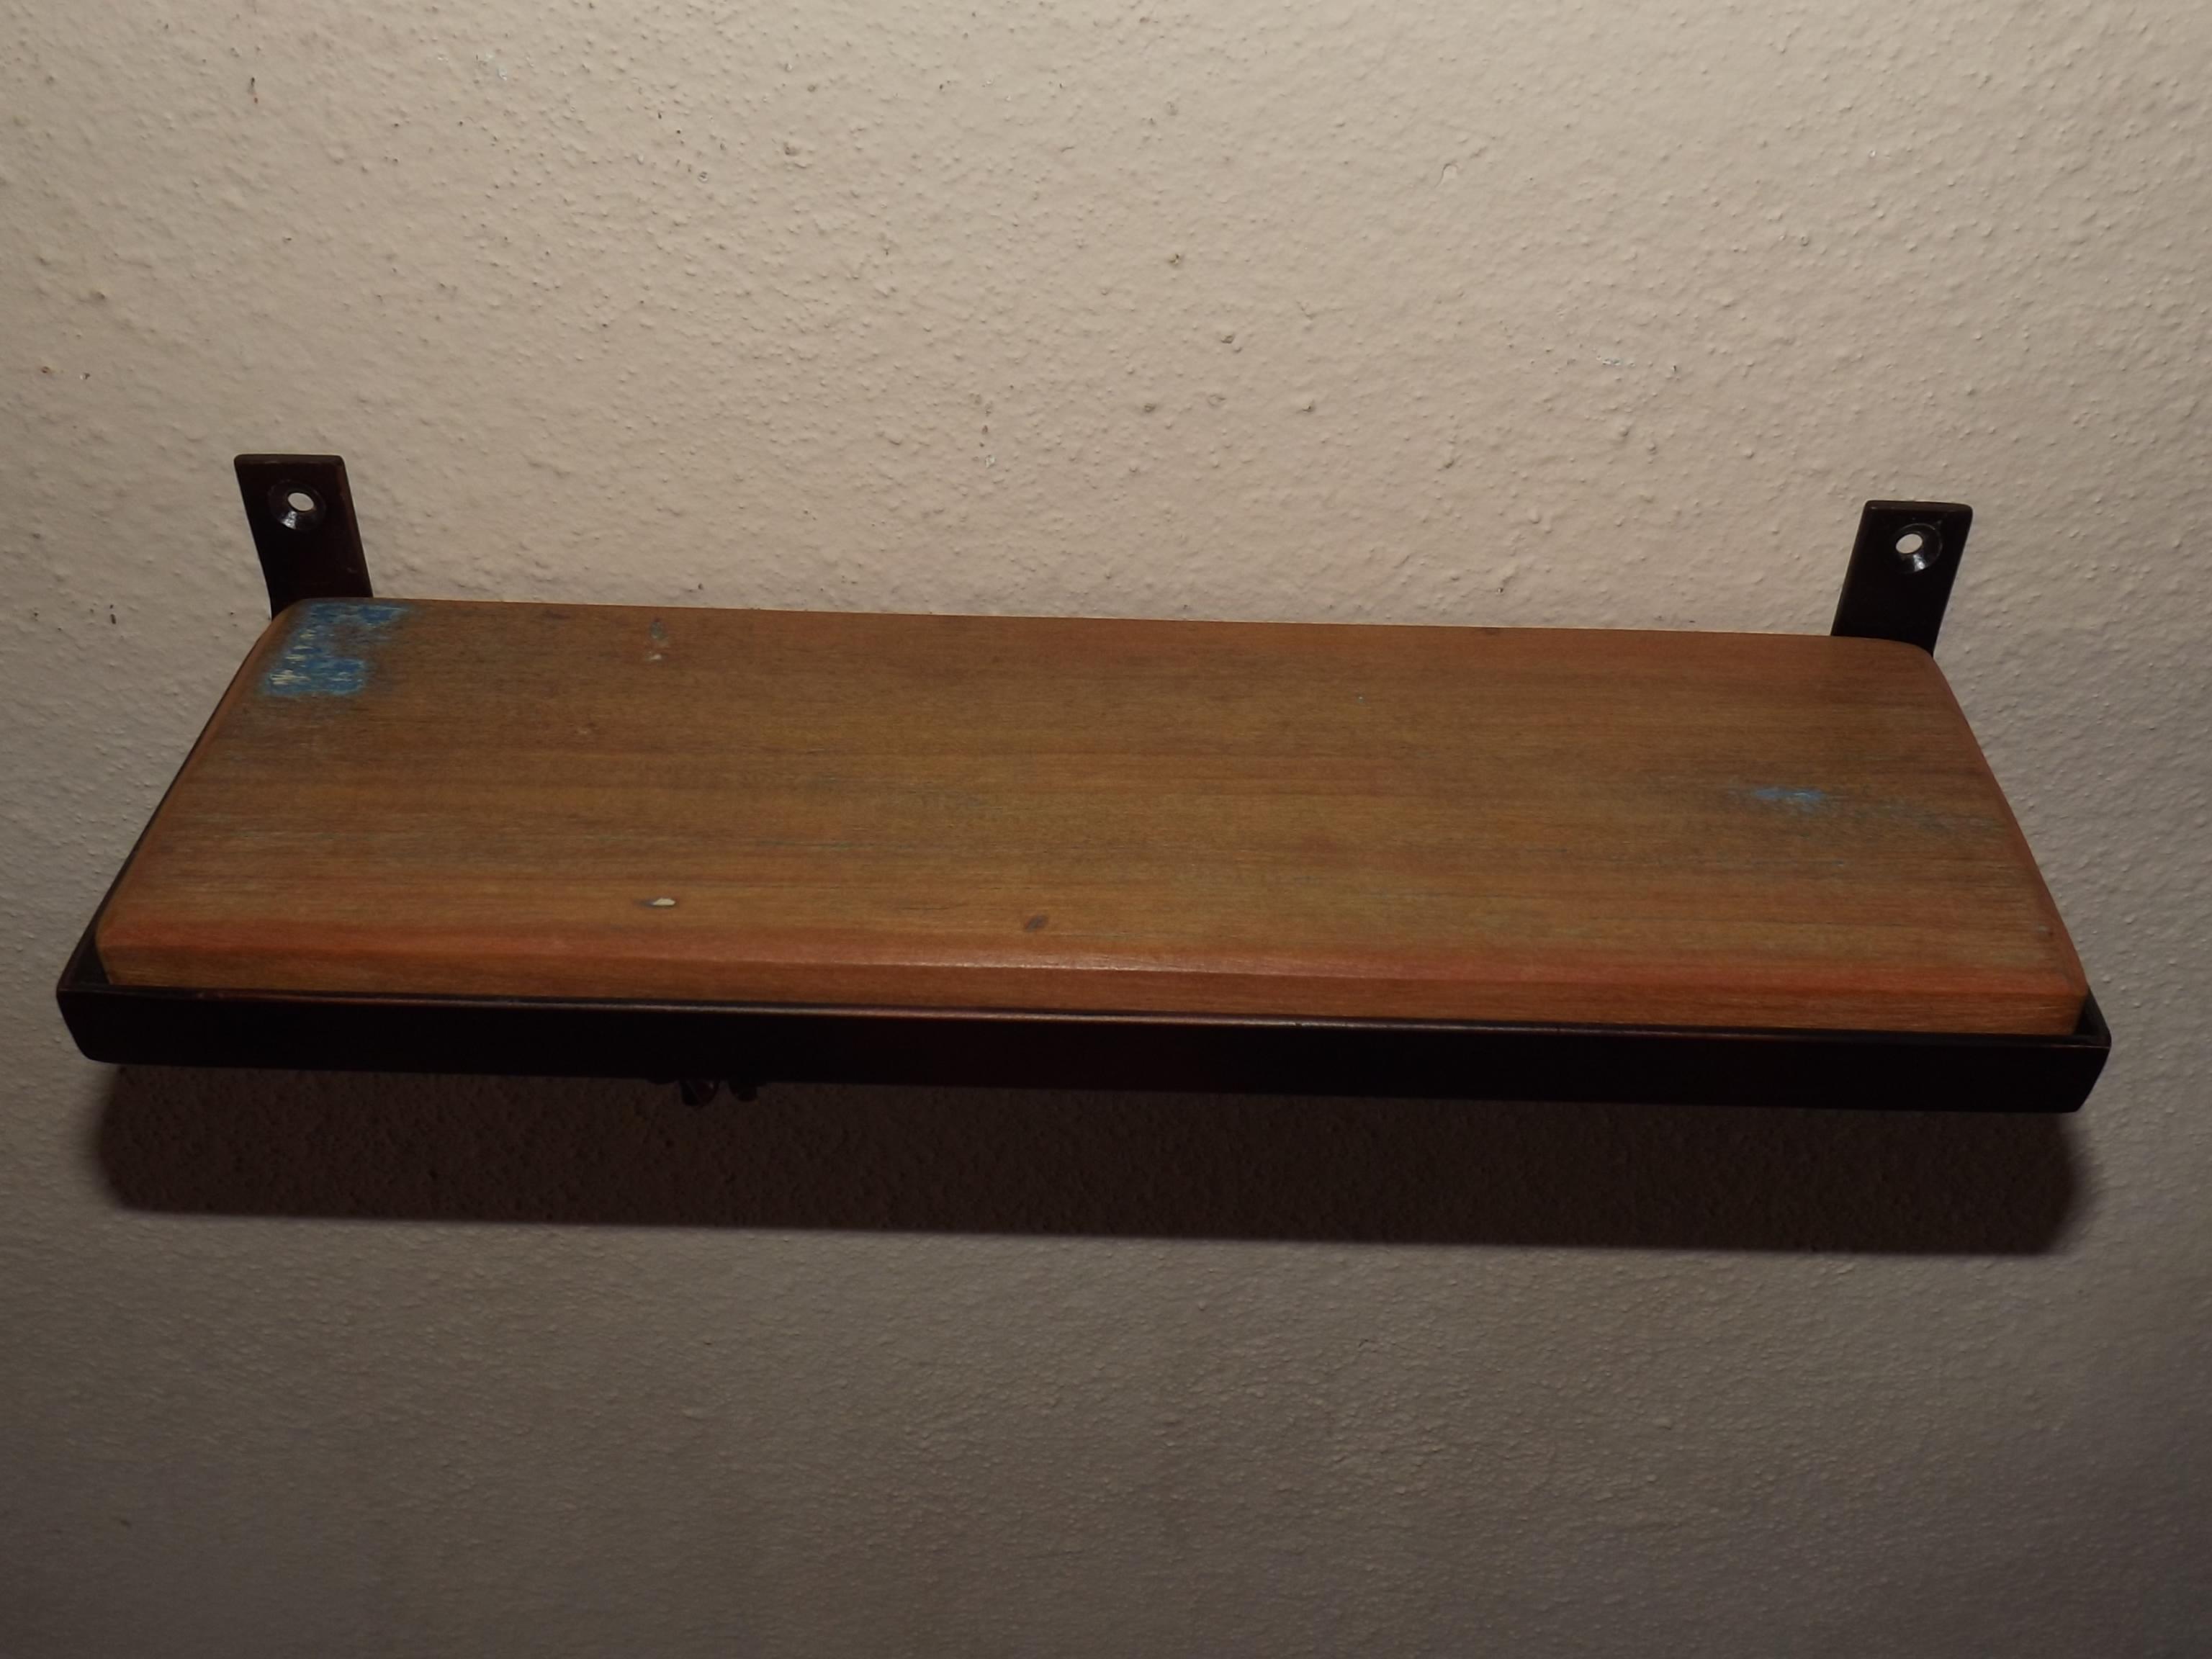 prateleira madeira de demolicao e ferro prateleira madeira de  #654832 3072x2304